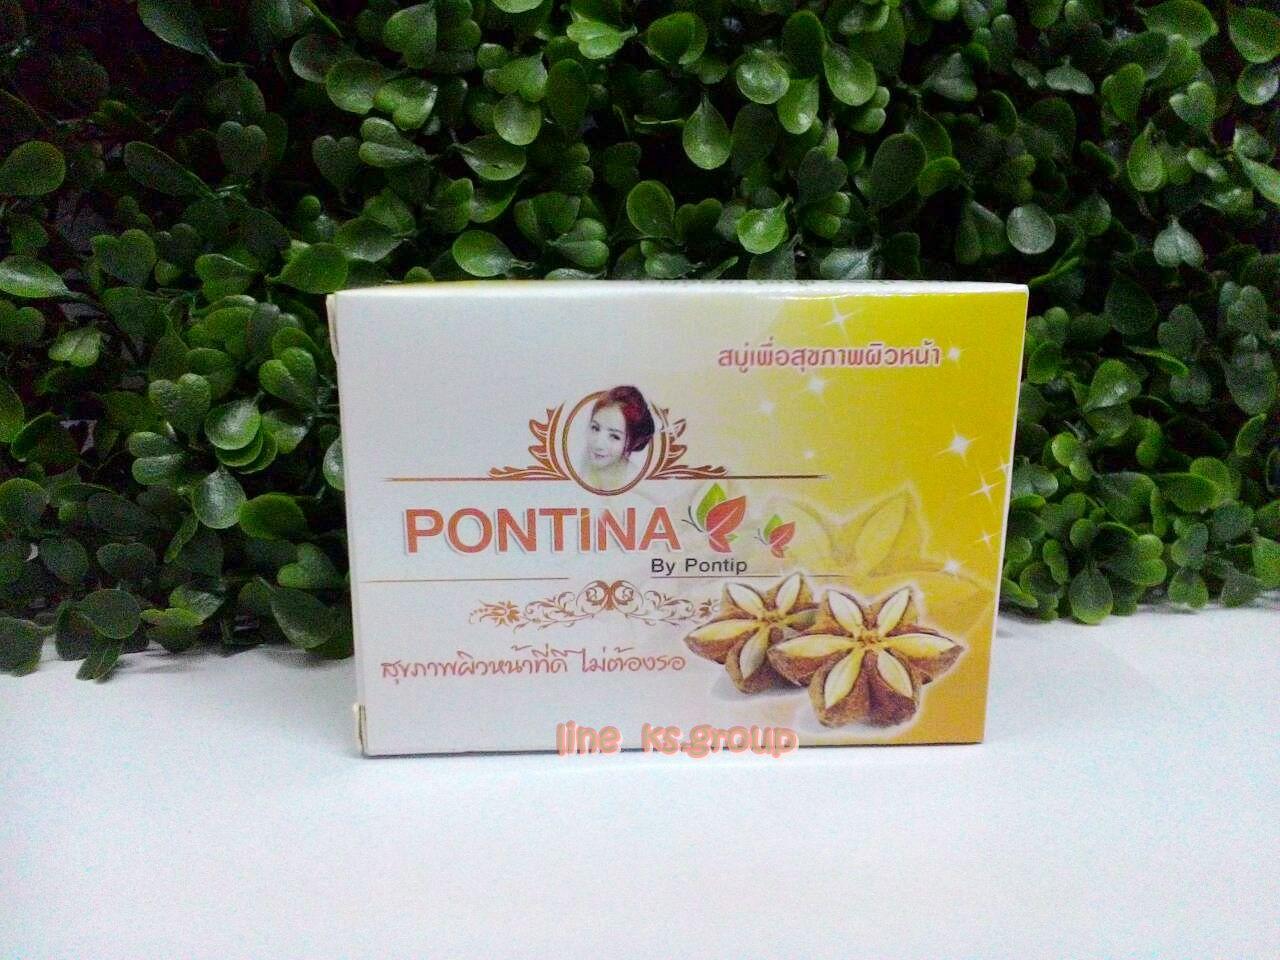 สบู่พรทิน่า บาย พรทิพย์ ซุปเปอร์ วิตามิน pontina By Pontip Super Vitamin Soap ล้างหน้า